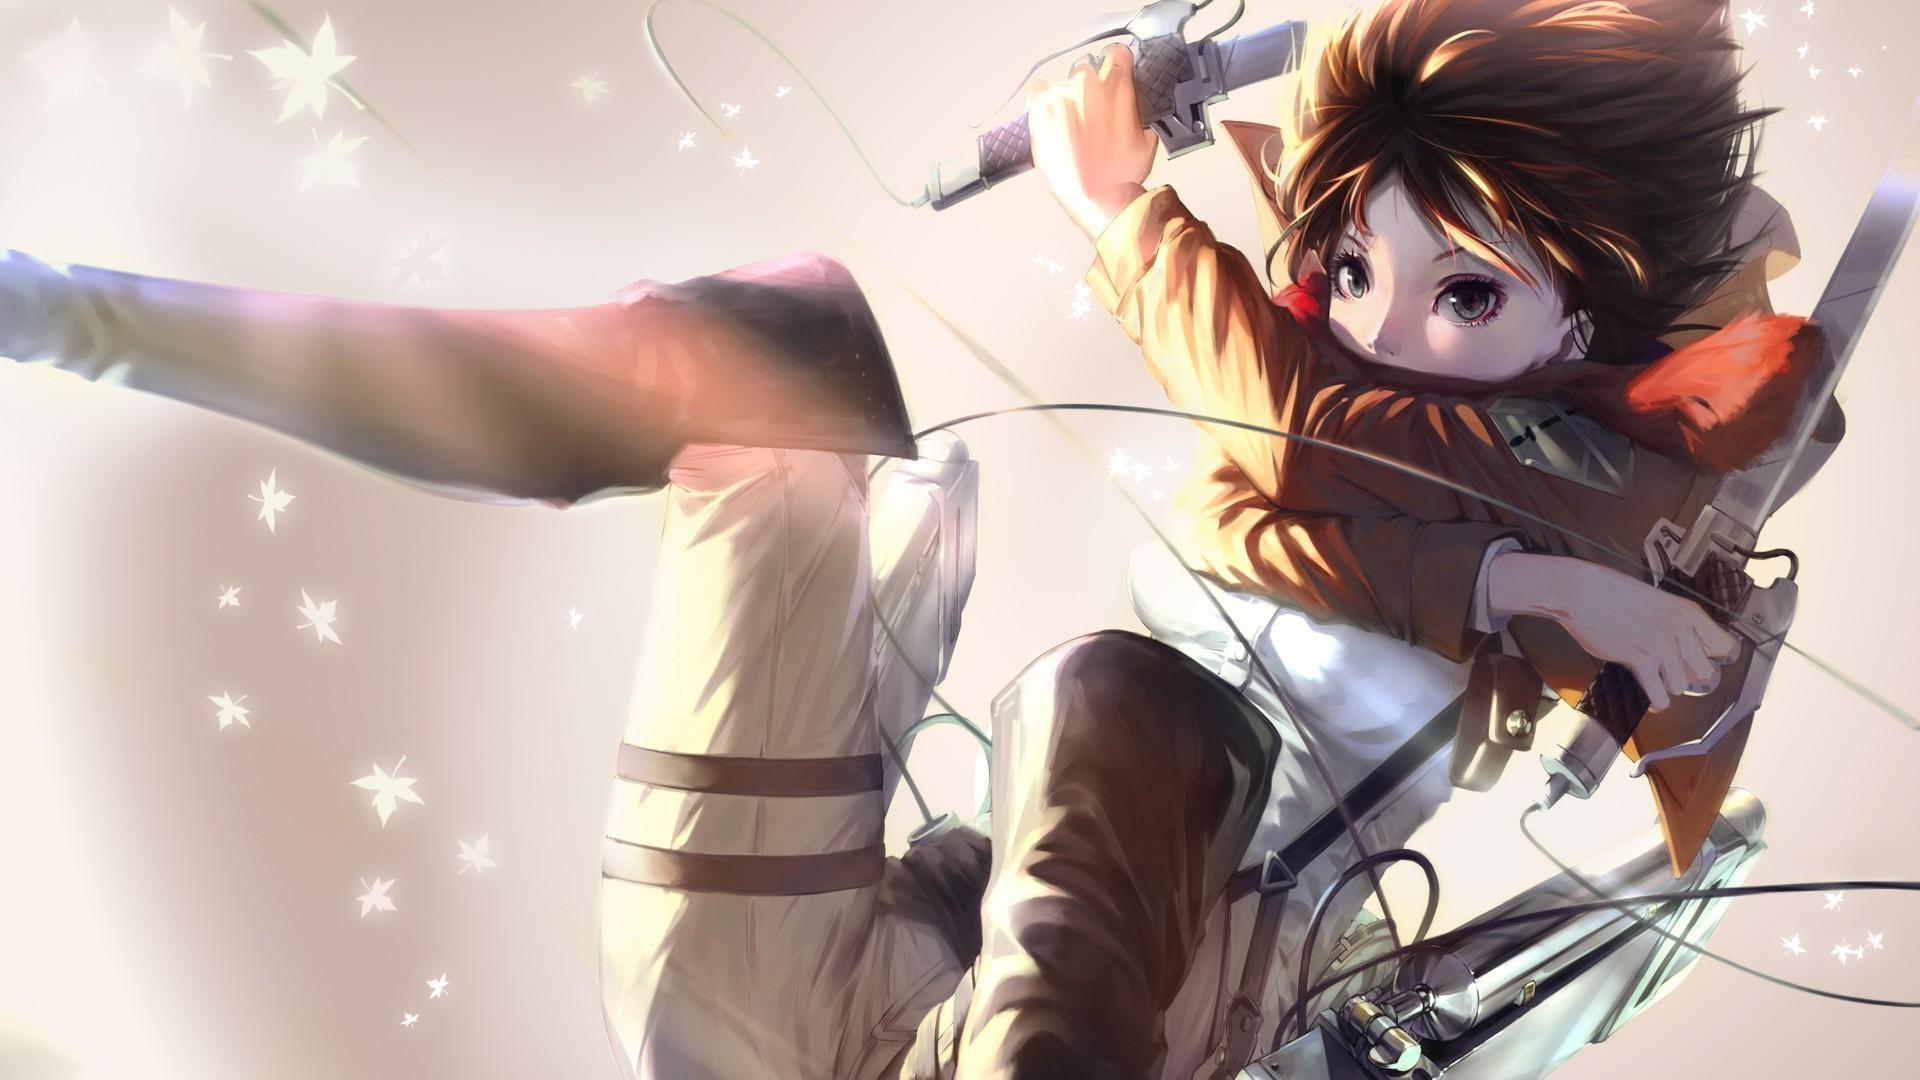 Anime gamer wallpaper 71 images - Anime wallpaper 1920x1080 ...